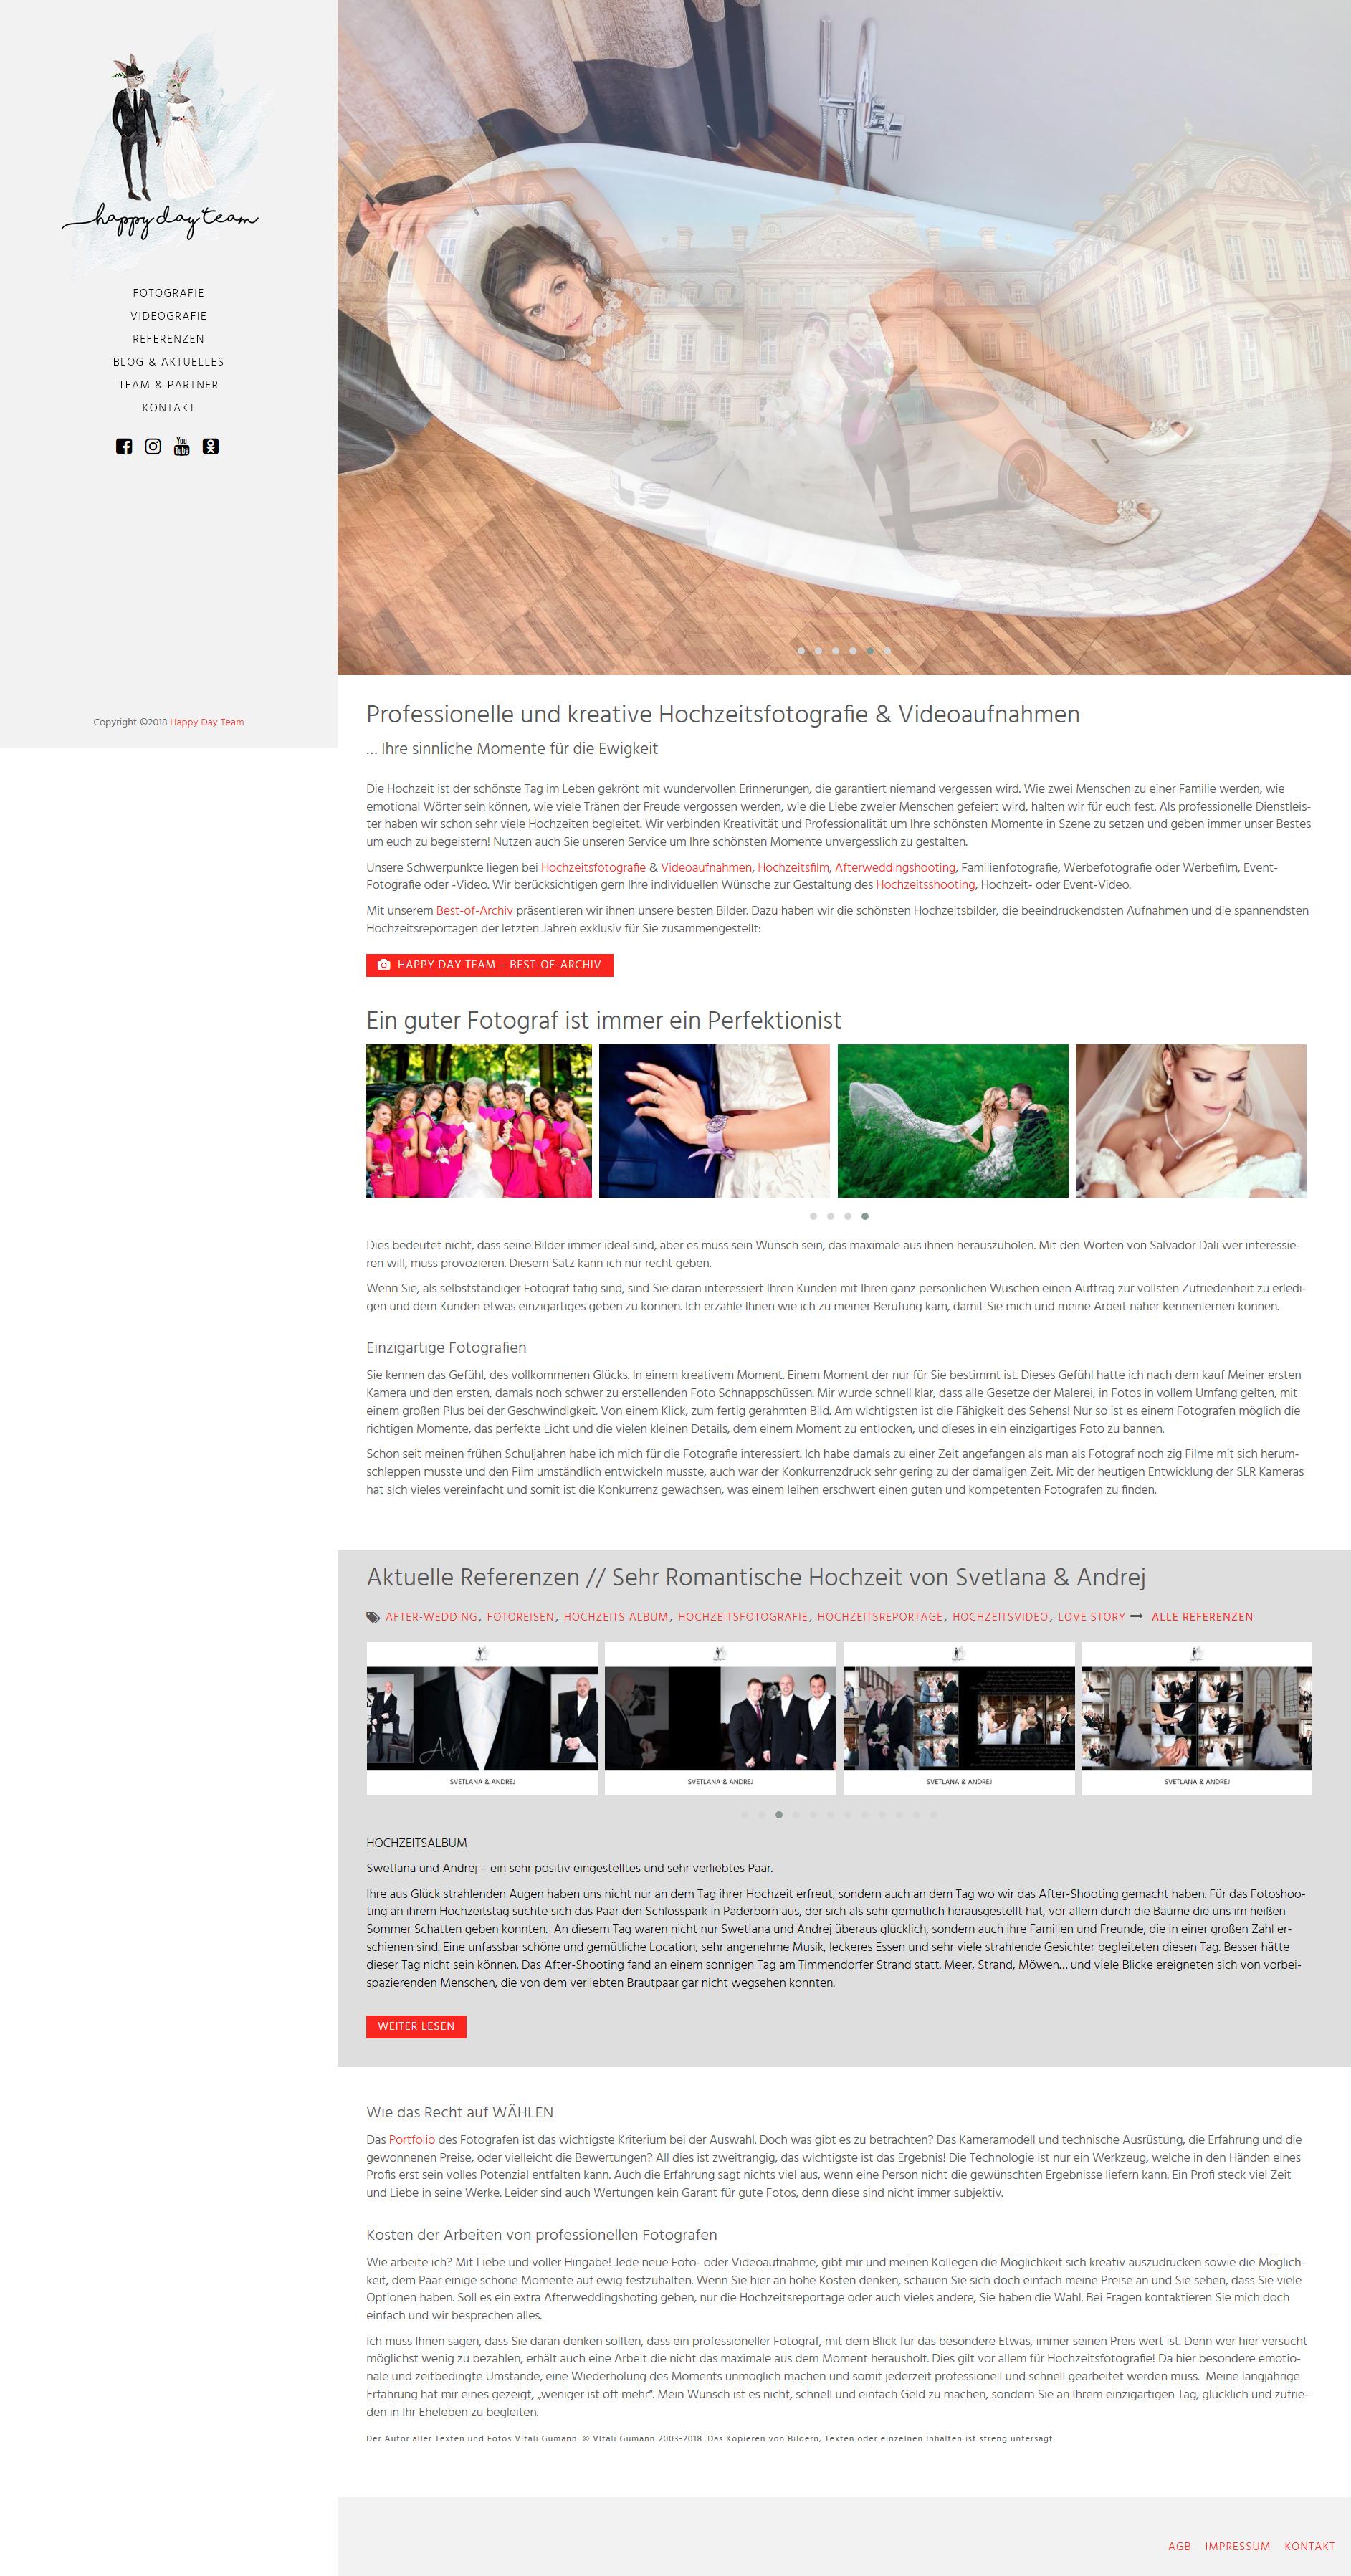 Beste Guter Fotograf Lebenslauf Galerie - Beispiel Business ...